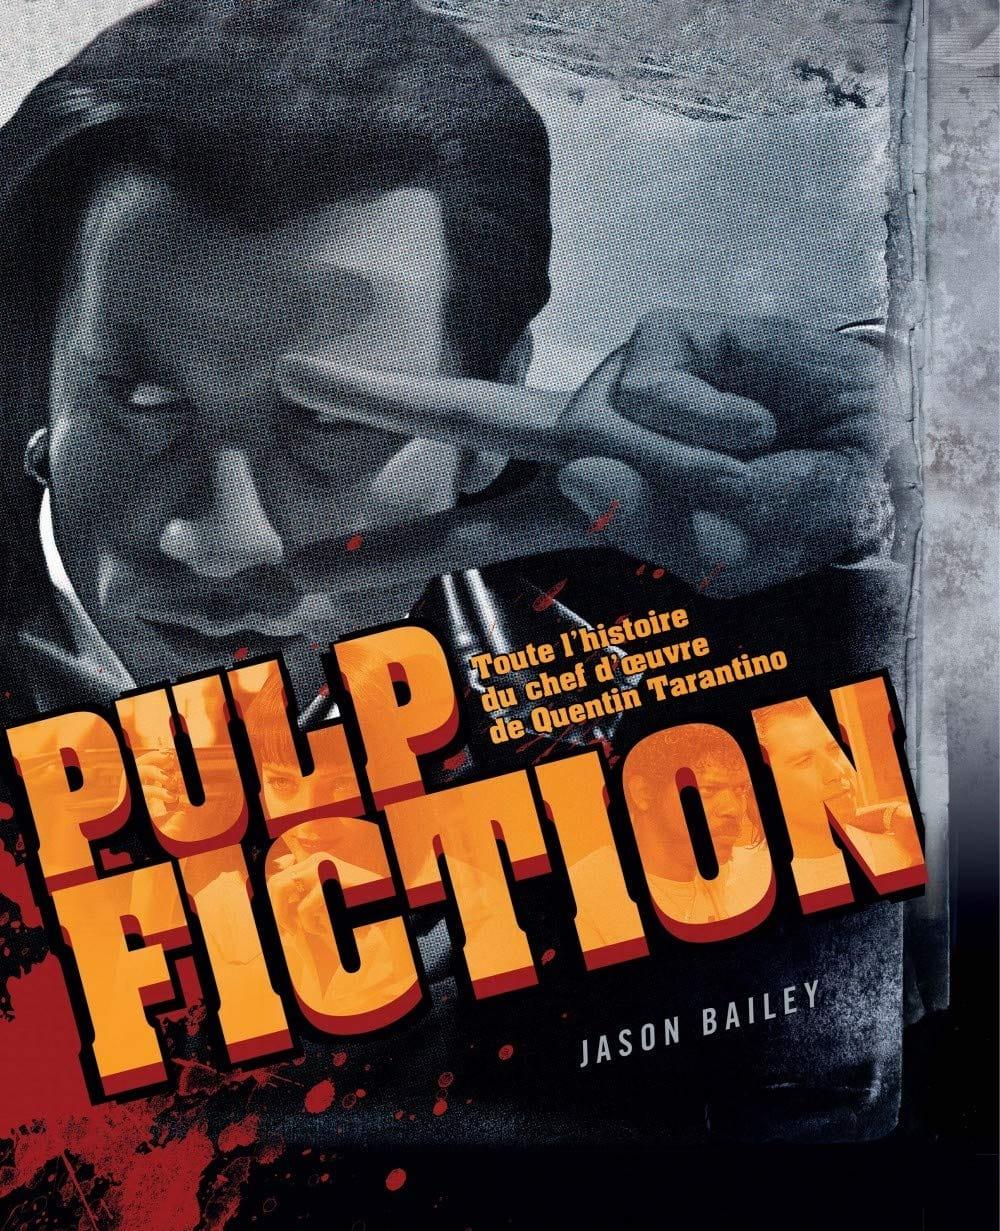 20 ans Pulp Fiction